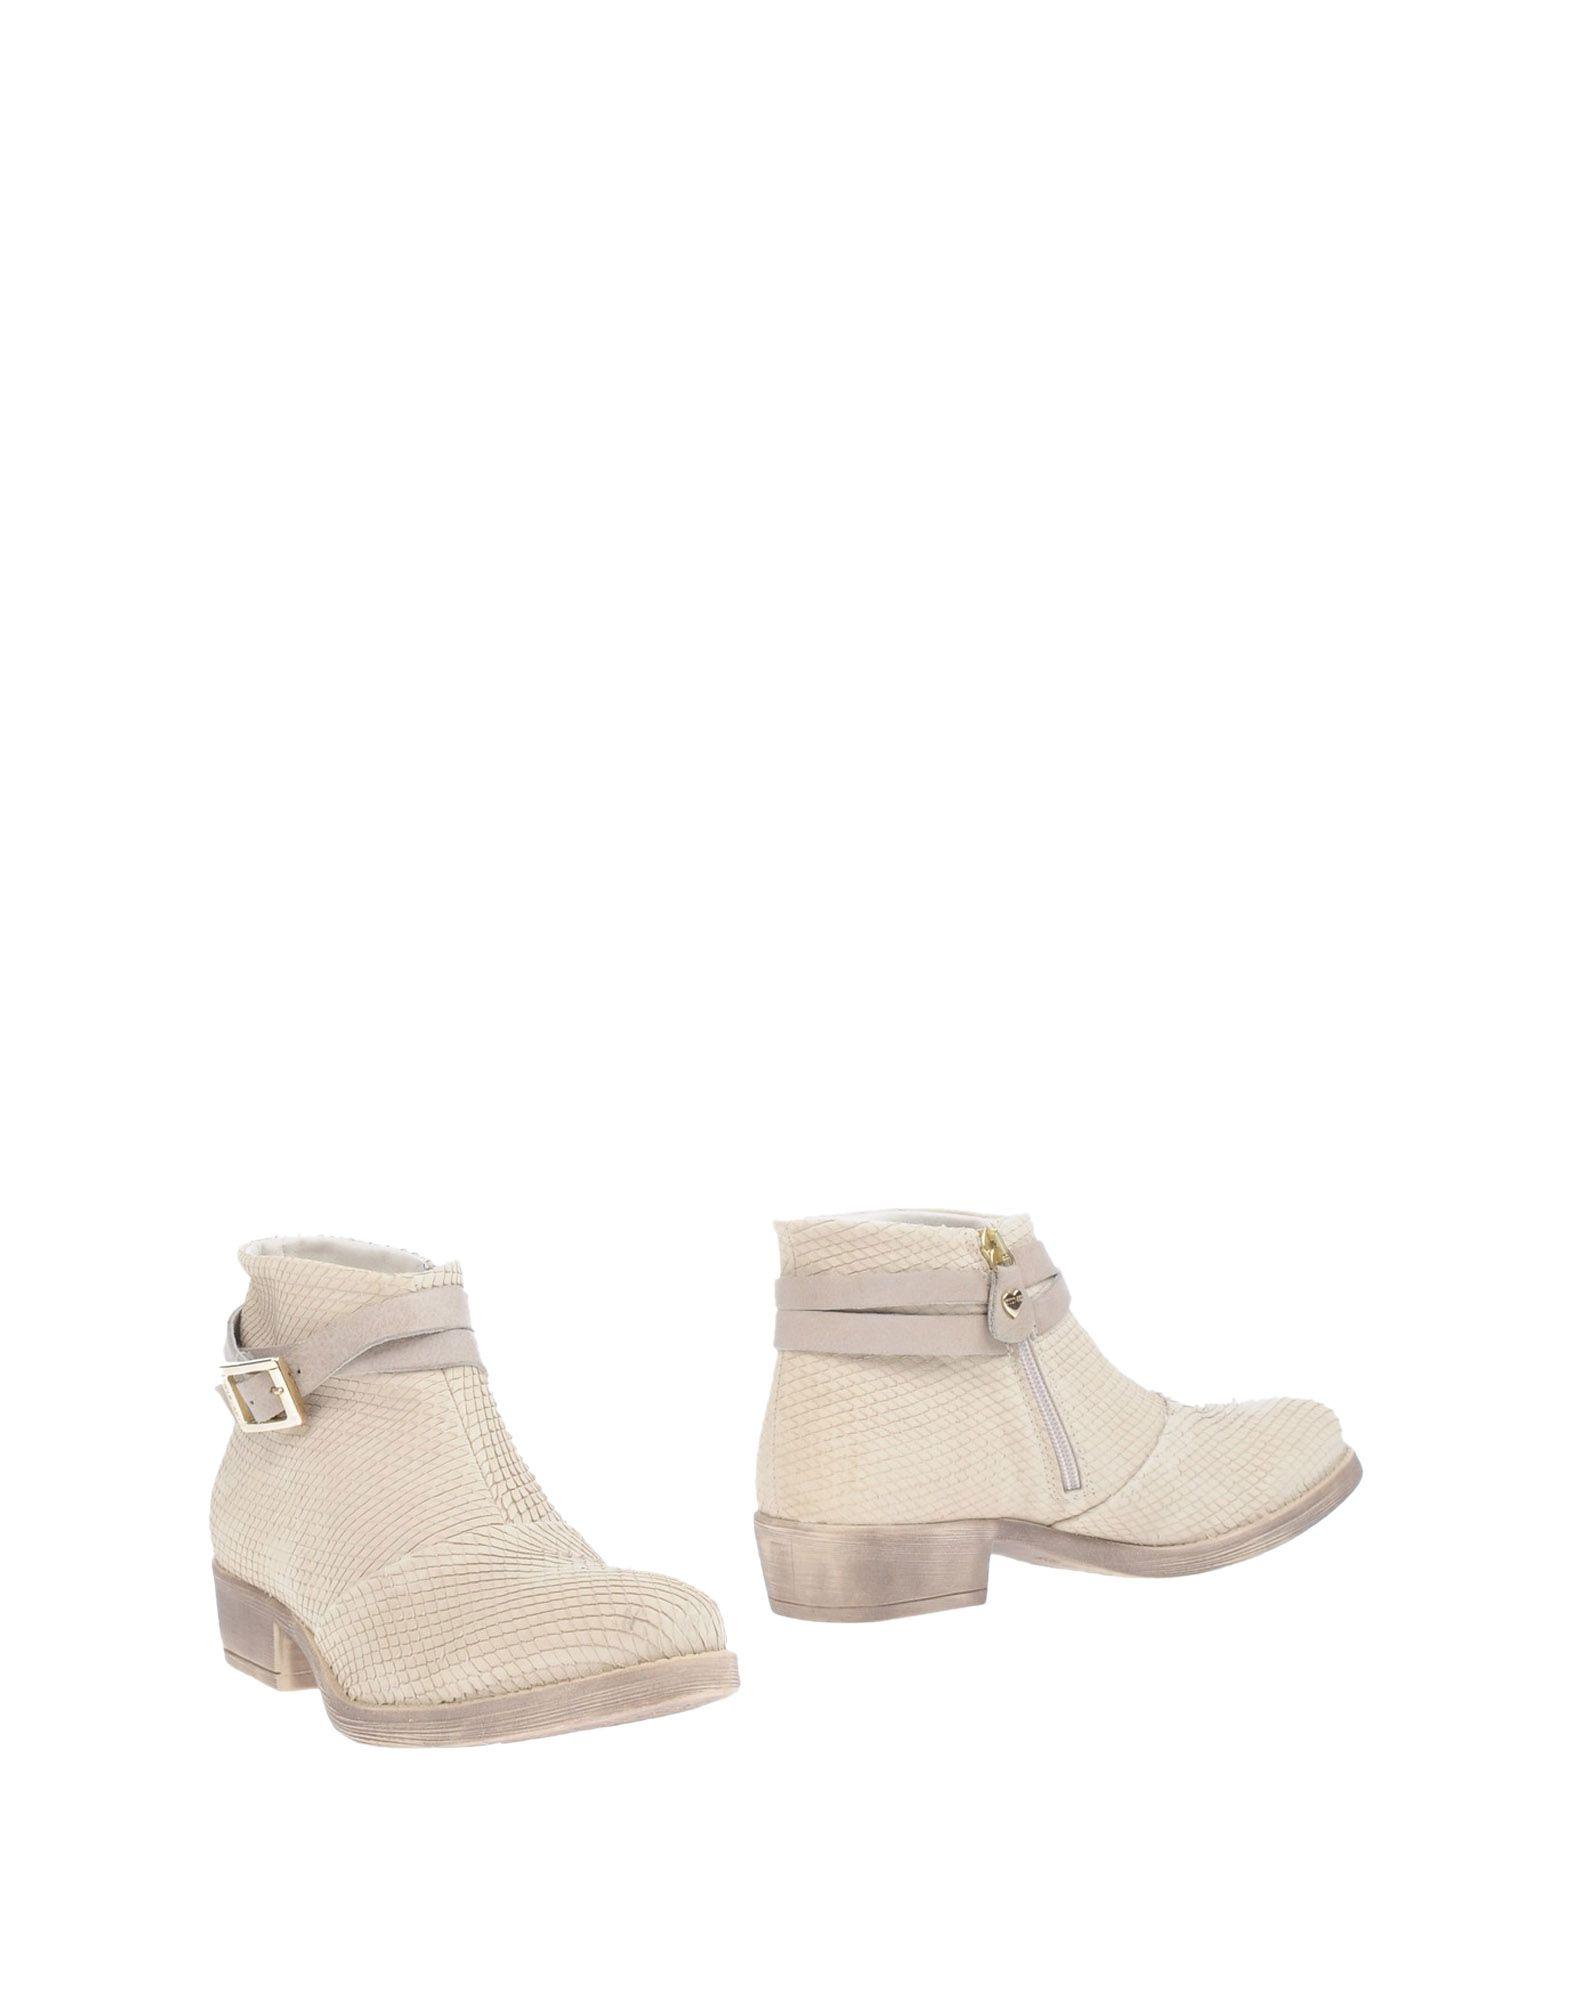 Bottine Twin-Set Simona Barbieri Femme - Bottines Twin-Set Simona Barbieri Beige Dernières chaussures discount pour hommes et femmes